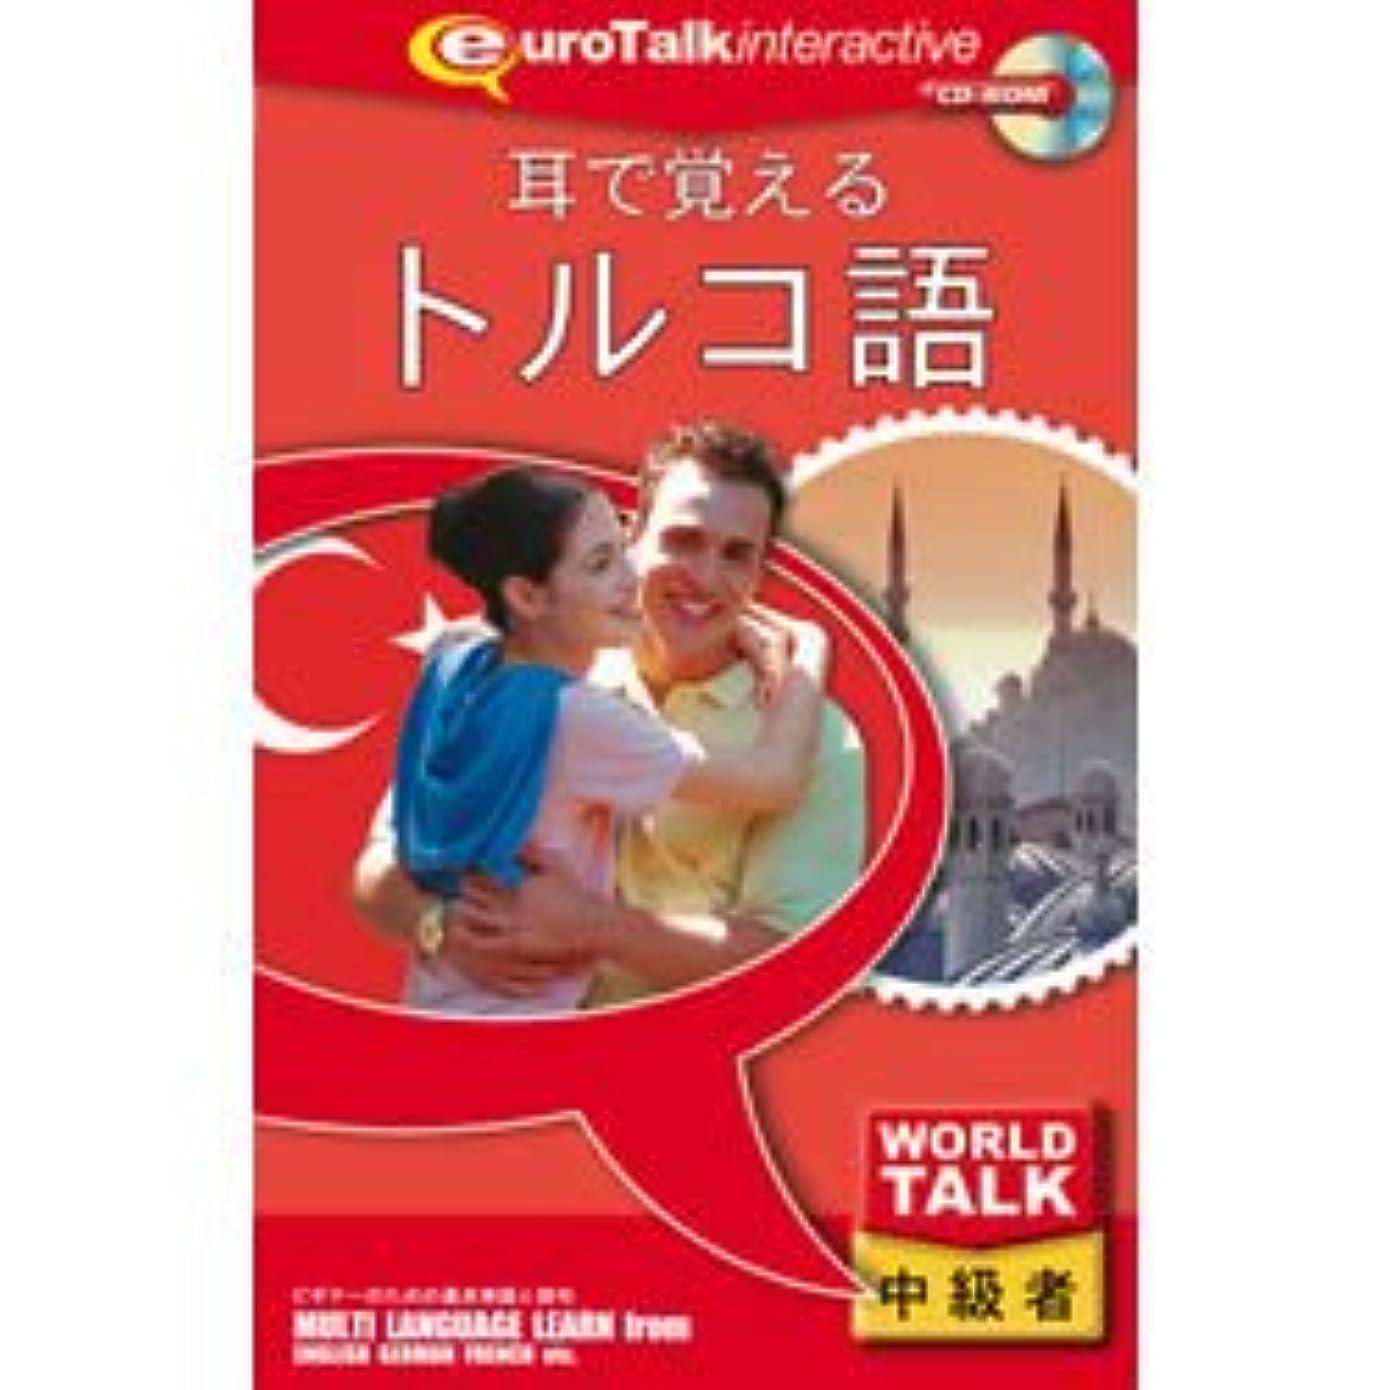 インタネットを見る立場養うWorld Talk 耳で覚えるトルコ語